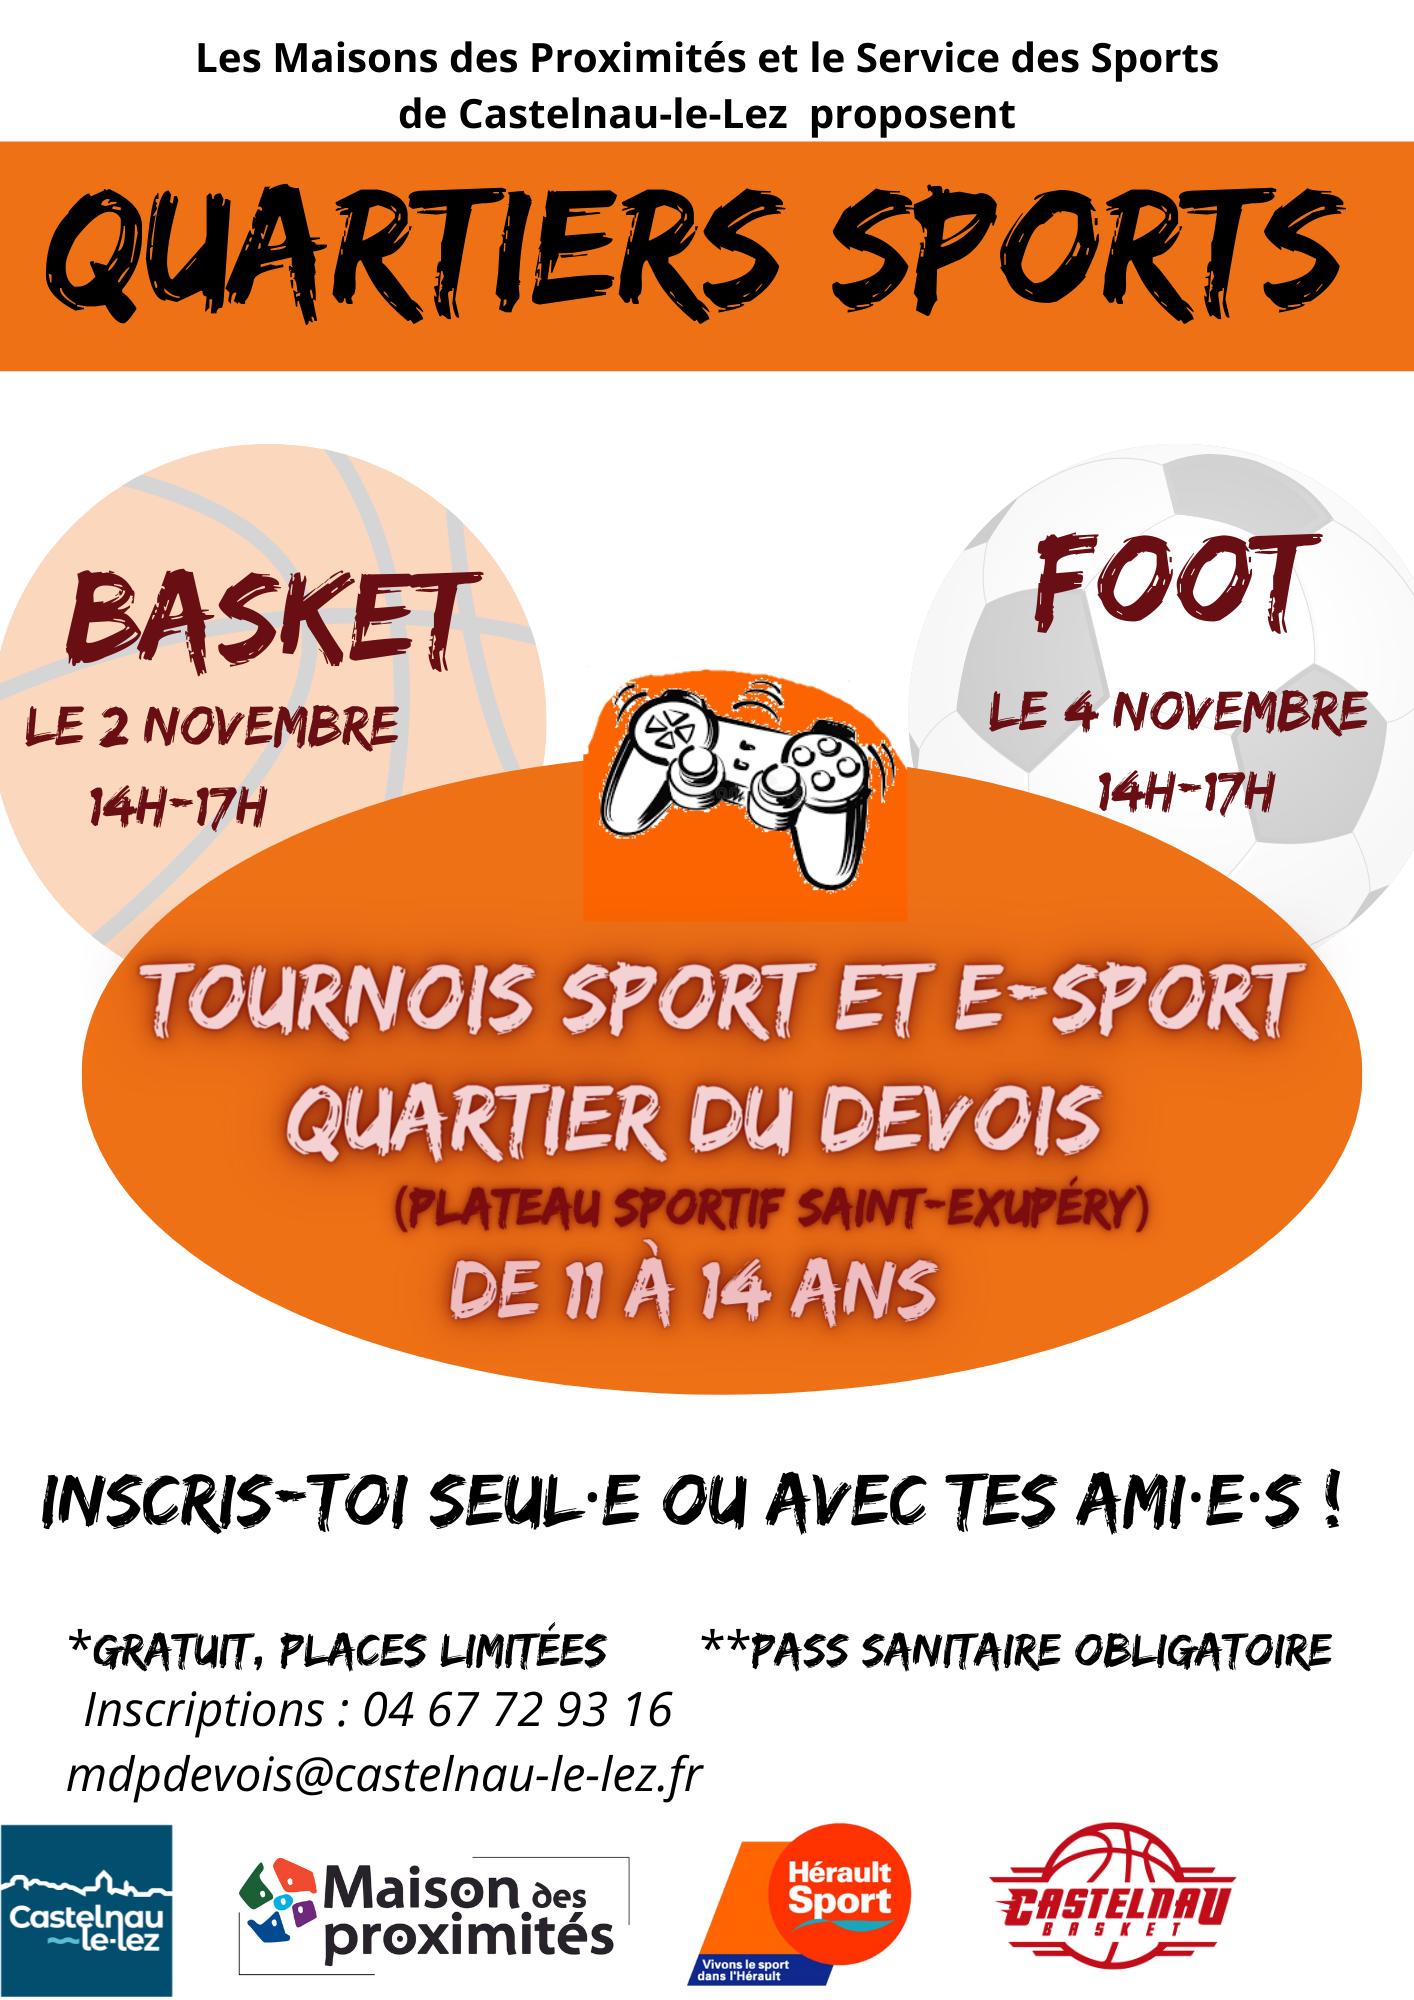 Tournois sport et e-sport au plateau sportif Saint-Exupéry